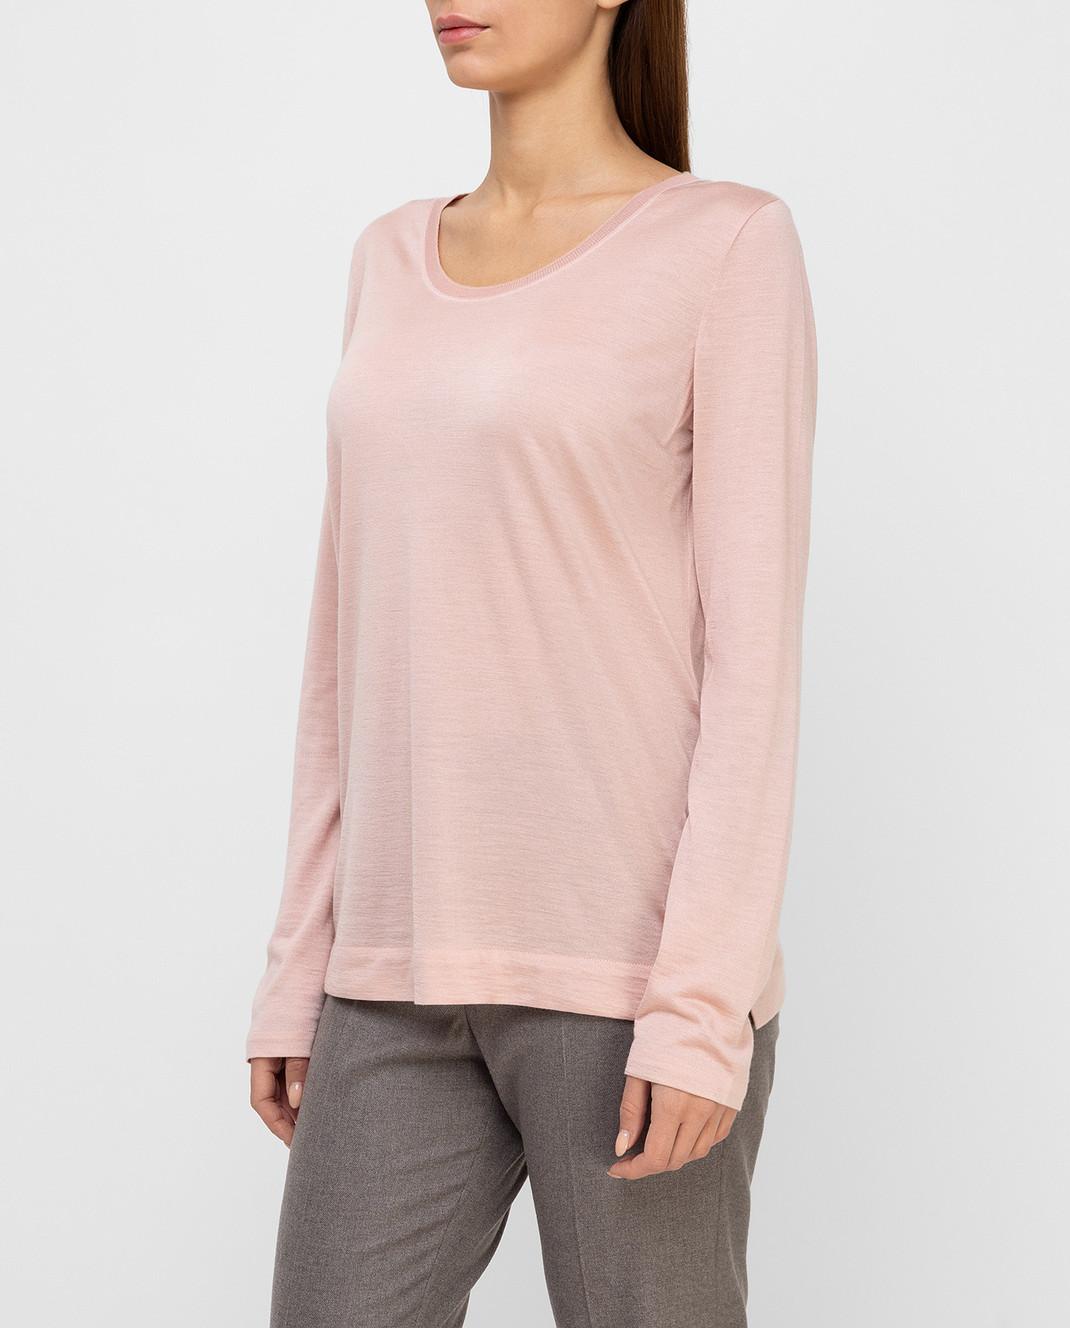 Loro Piana Розовый джемпер из кашемира и шелка F2FAE5730 изображение 3